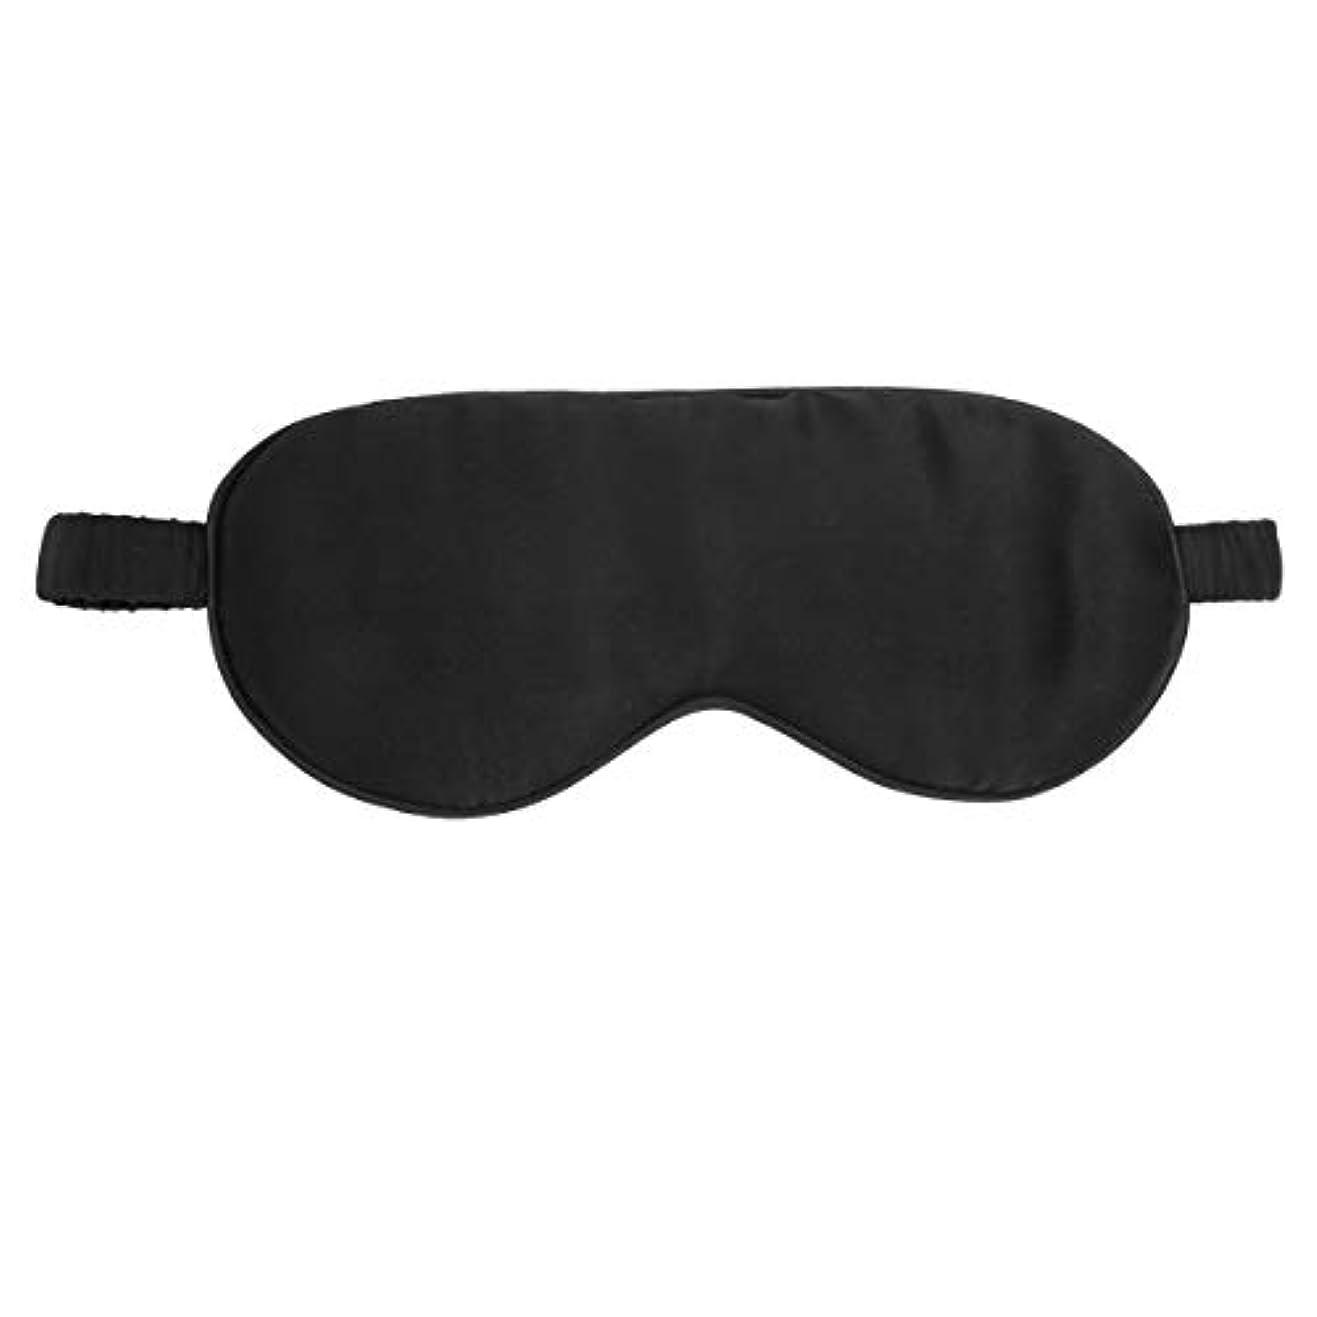 ただやる造船ポルティコSUPVOX アイマスク 安眠アイマスク 睡眠 遮光 マスク シルク 圧迫感なし 目に優しい 軽量 旅行 飛行機 疲労回復 男女兼用